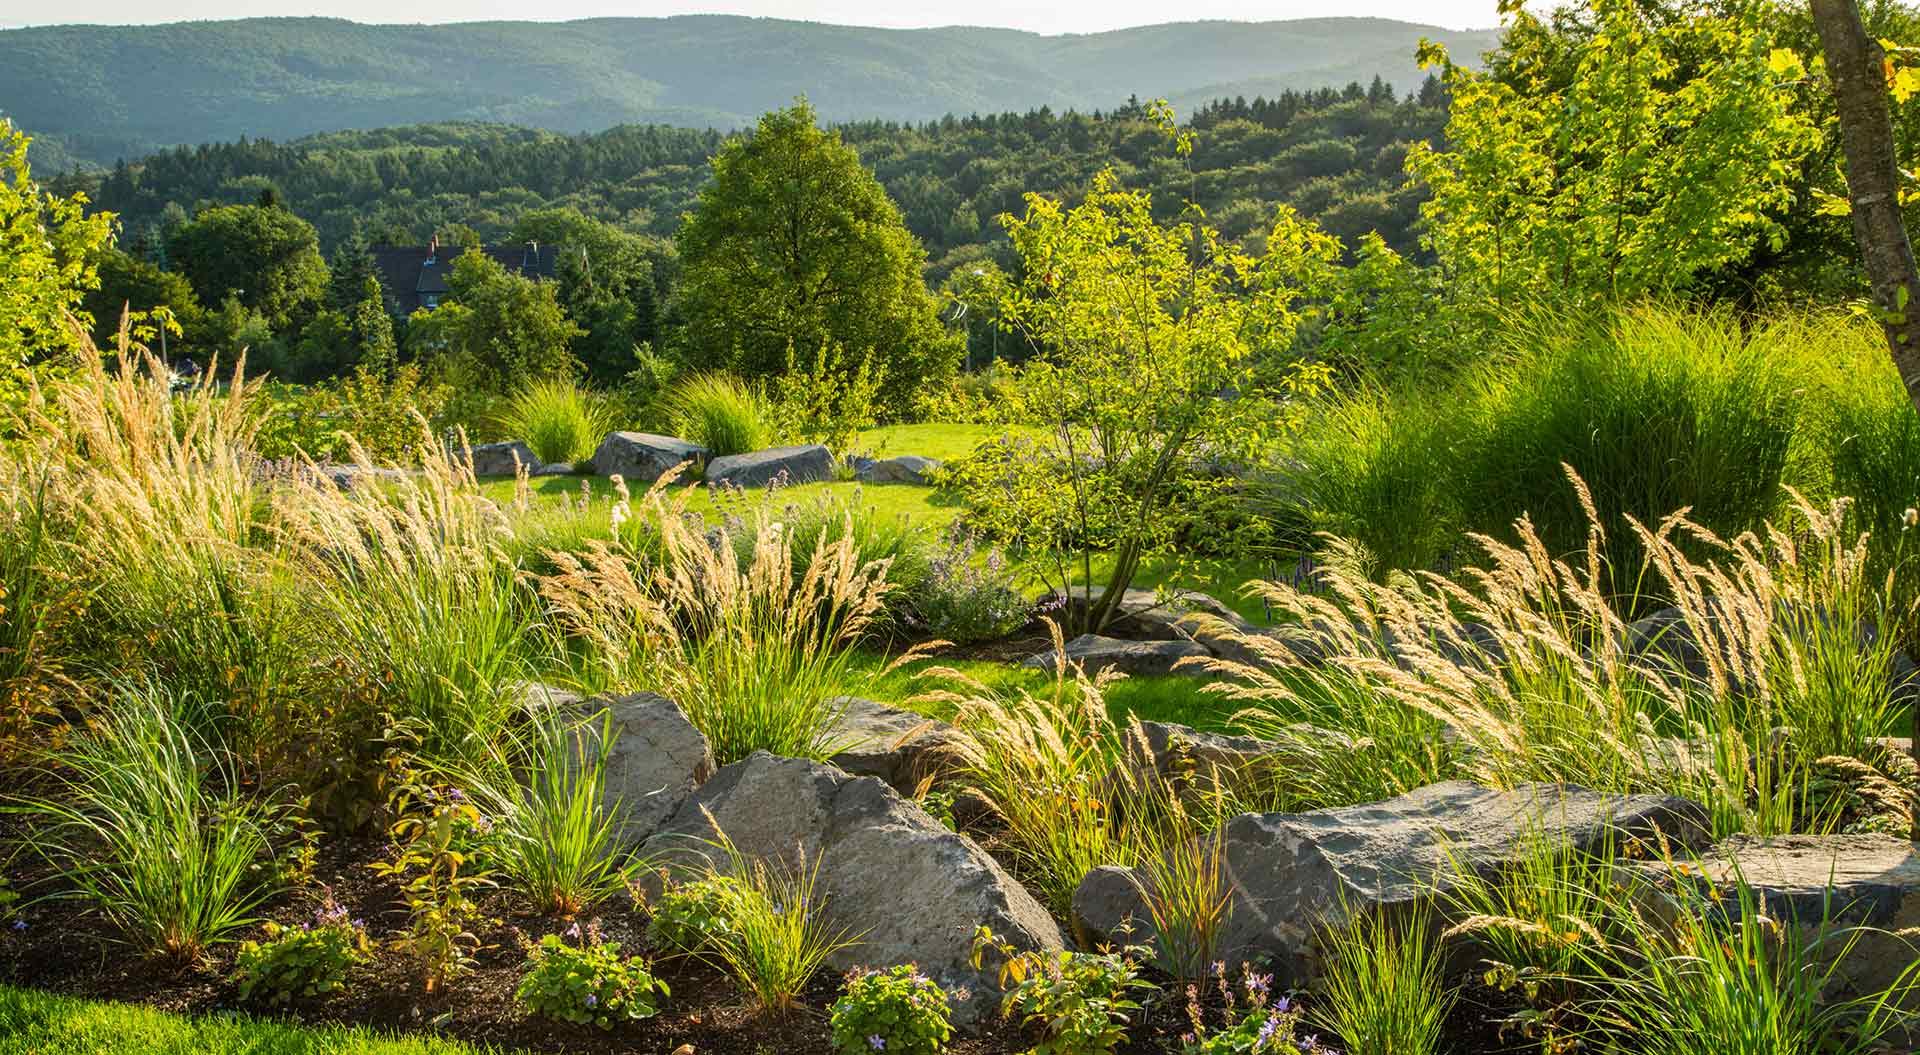 Garten vor weitläufiger Landschaft in der Eifel